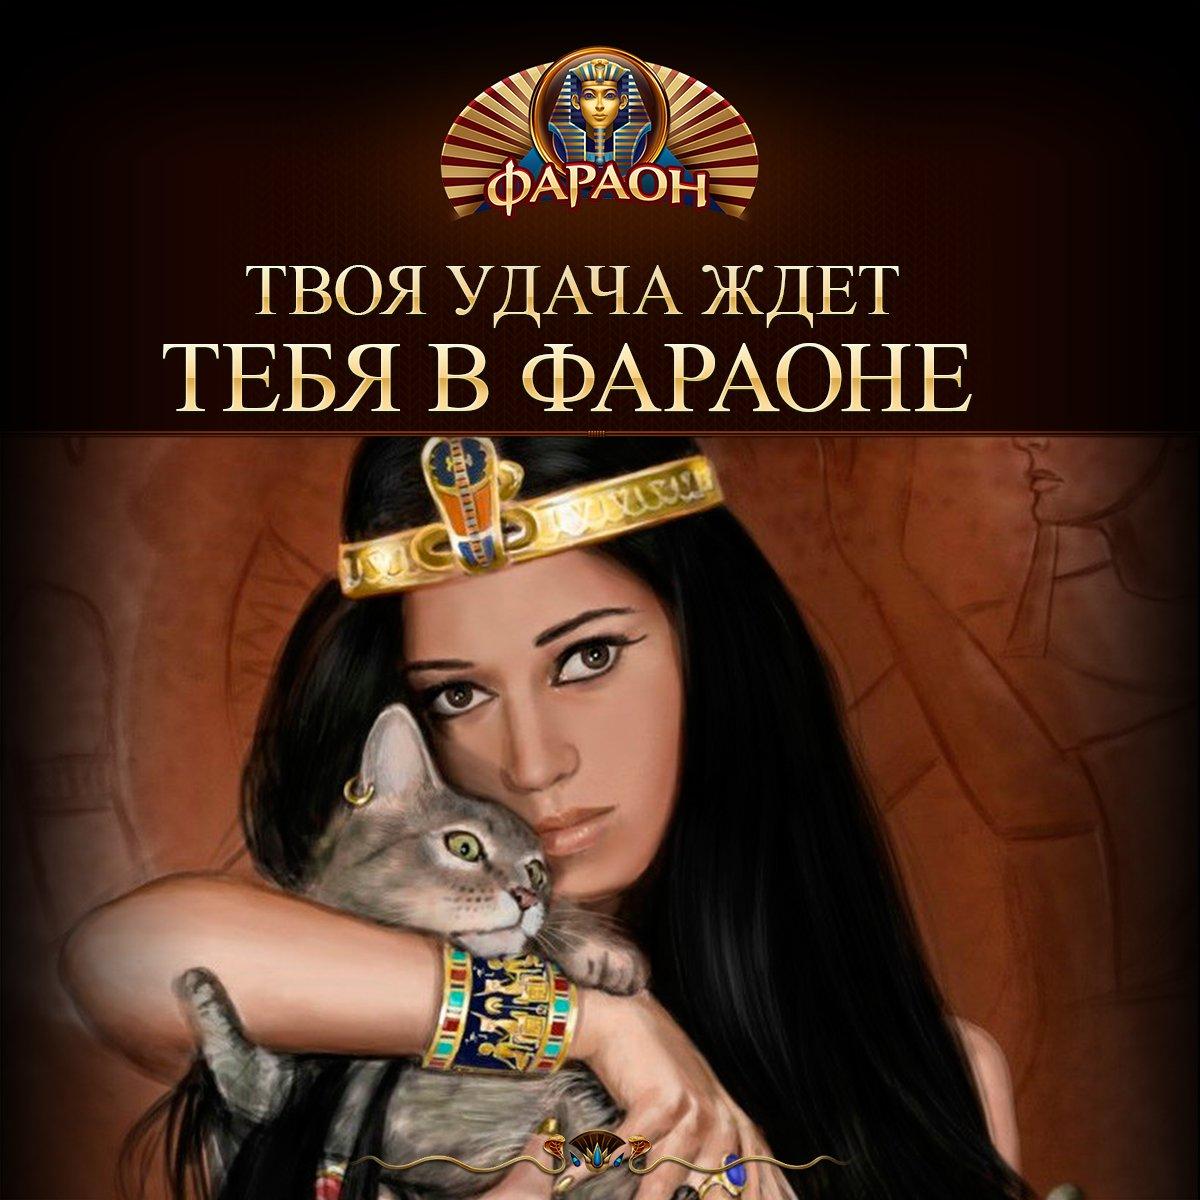 Игровой клуб компас новосибирск